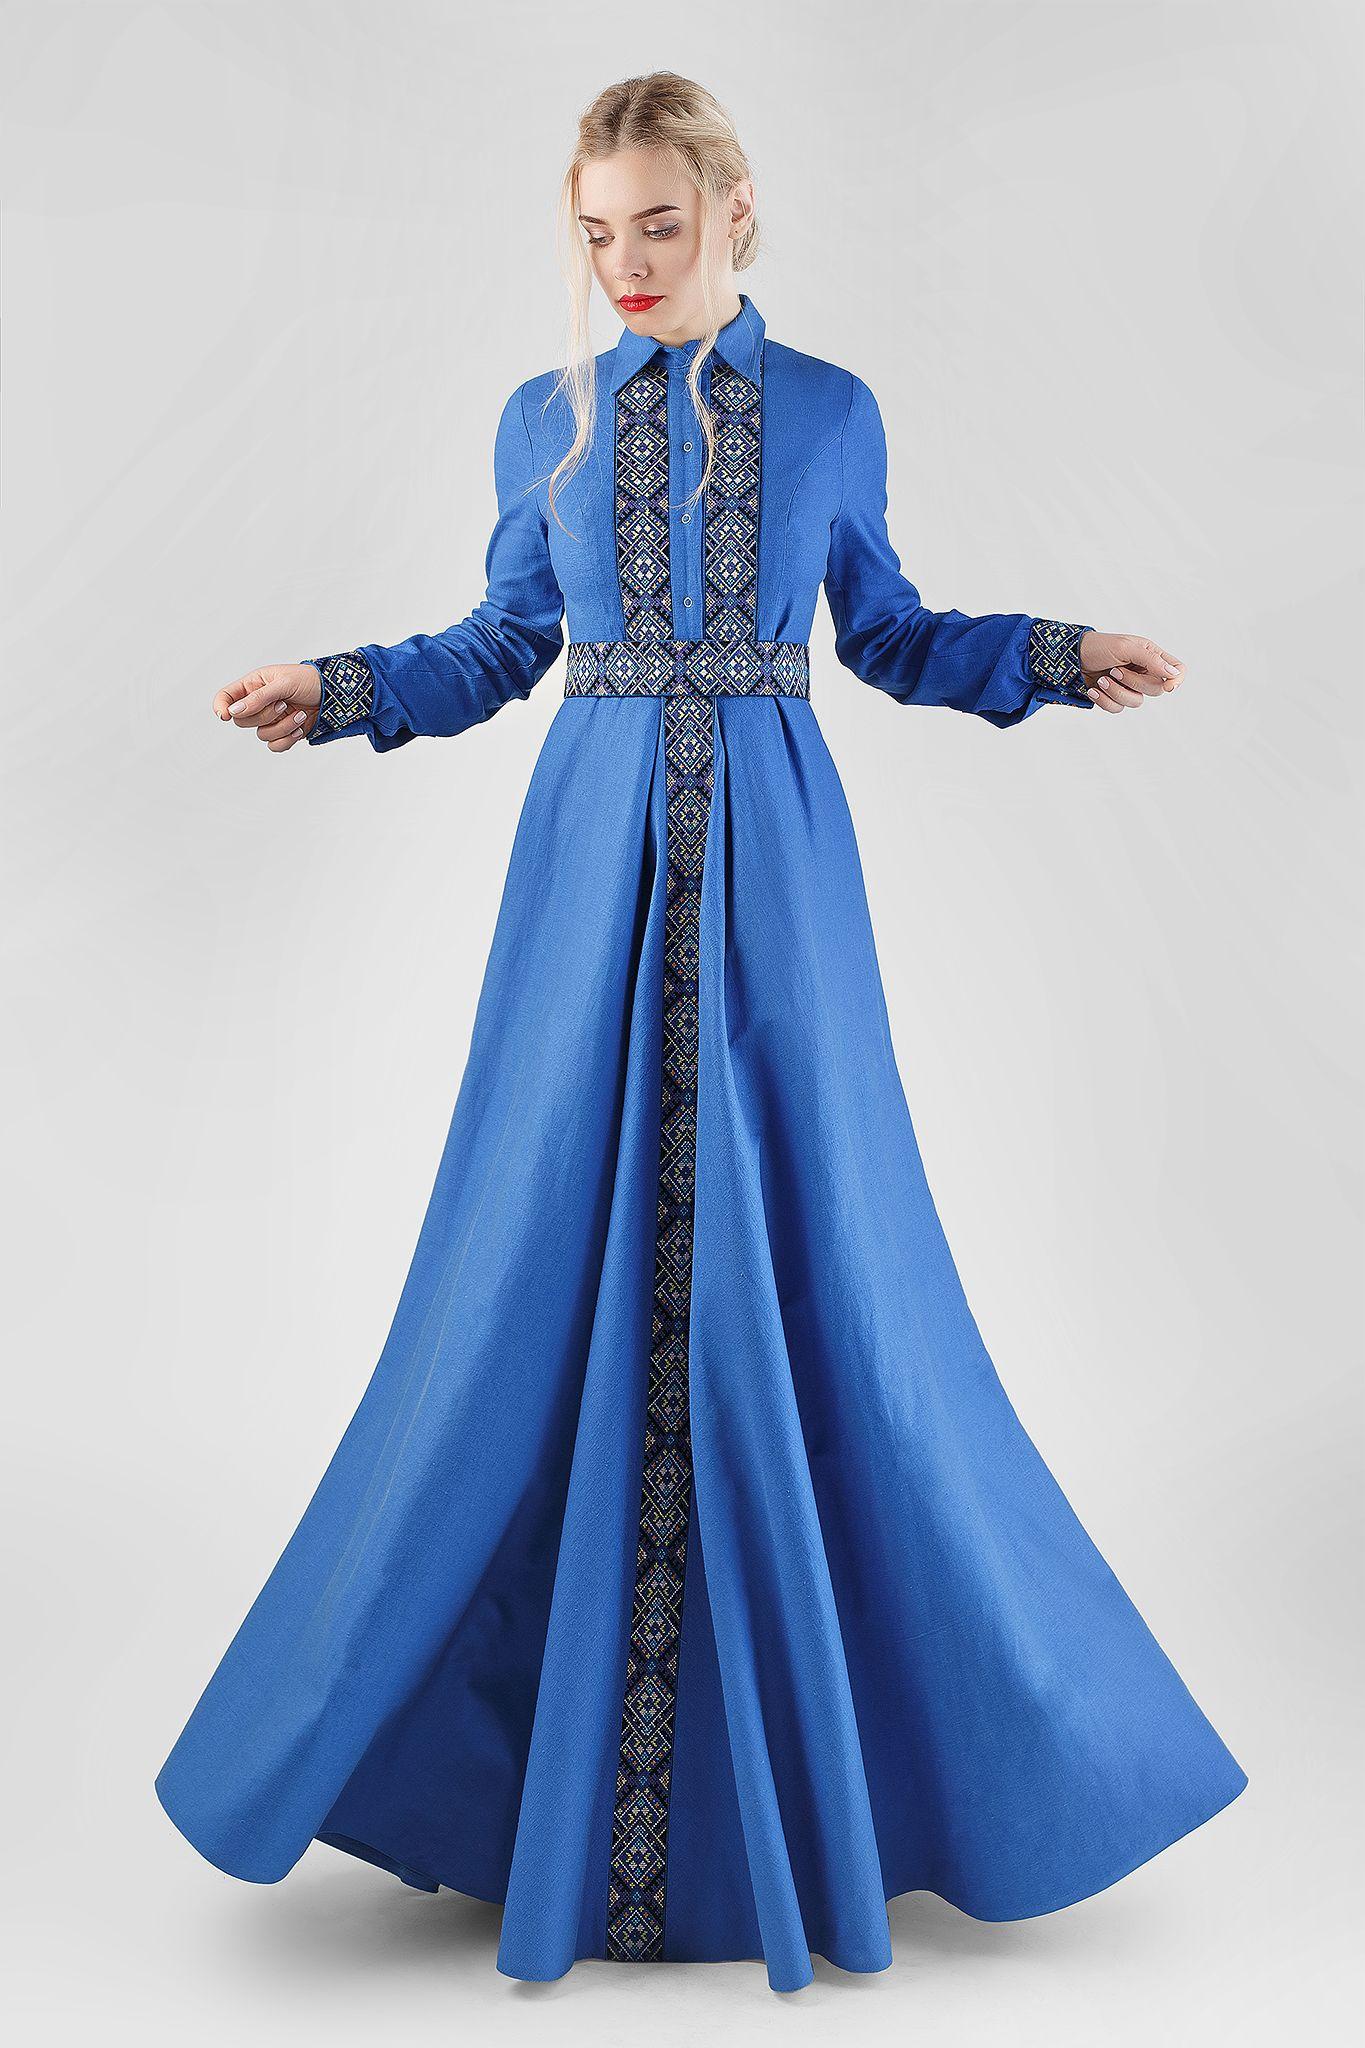 Сукня hrwdr унікальний вишитий одяг від студії